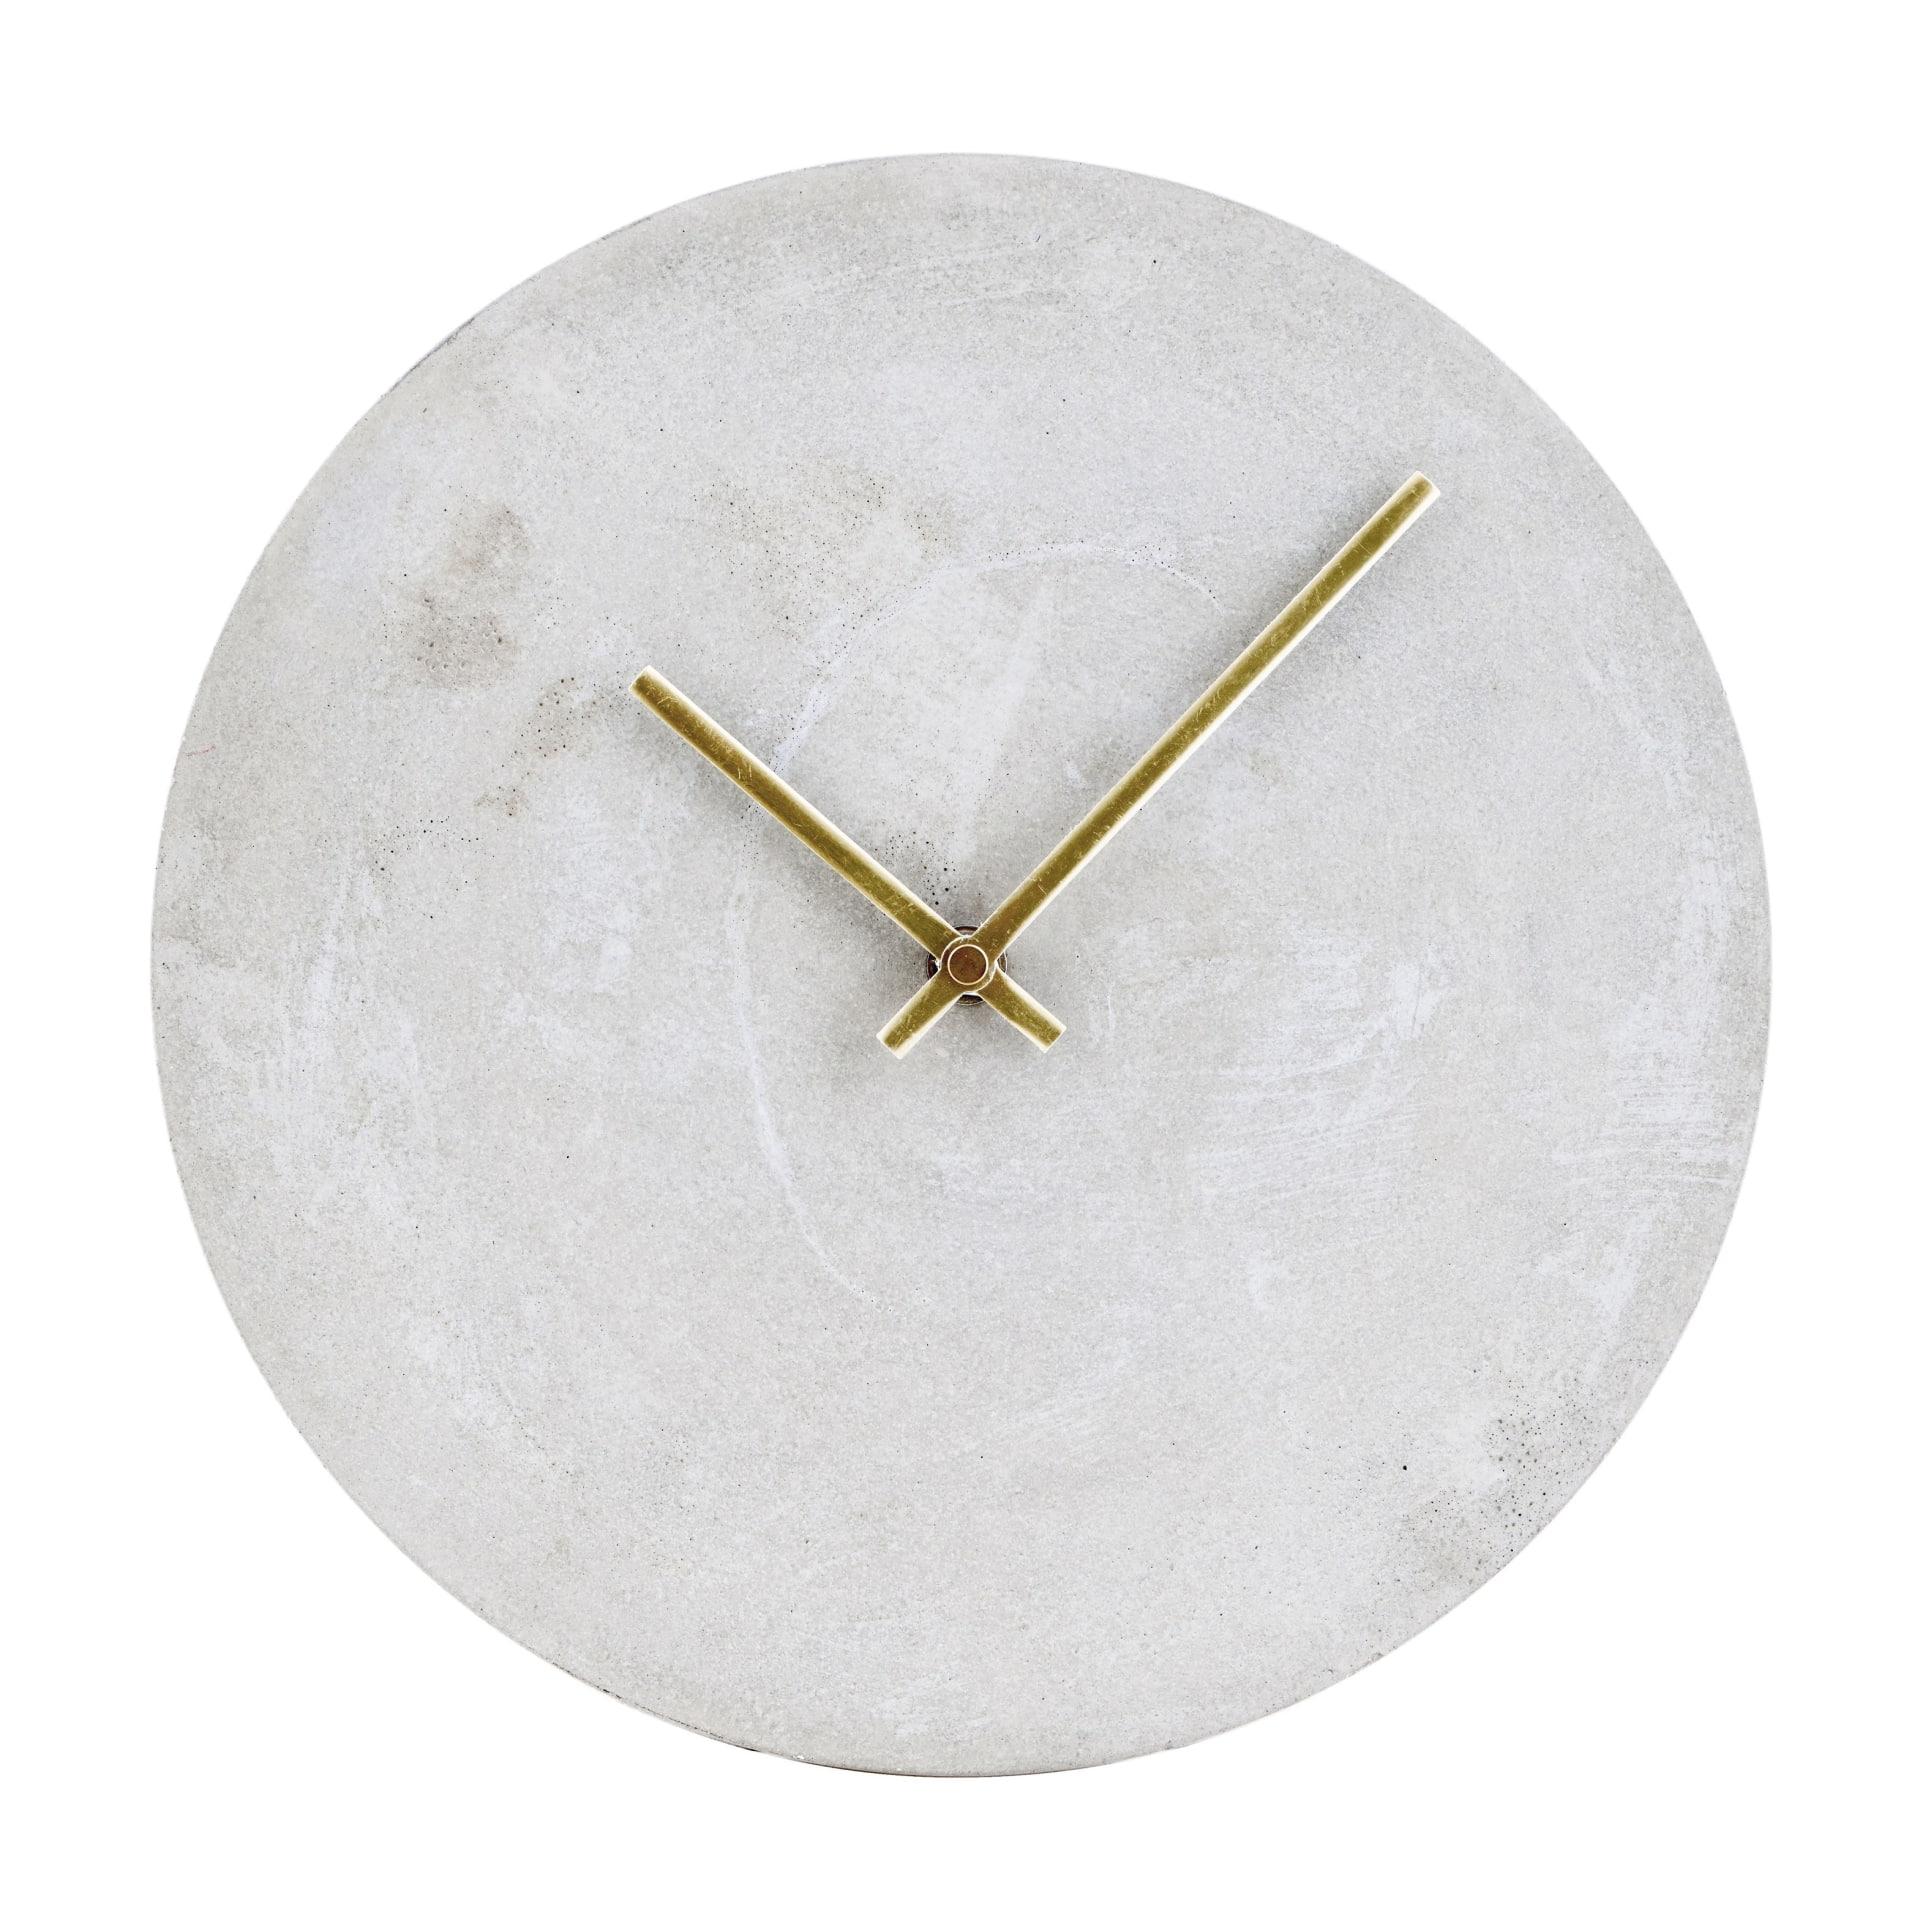 House Doctor Nástěnné hodiny Concrete, šedá barva, beton